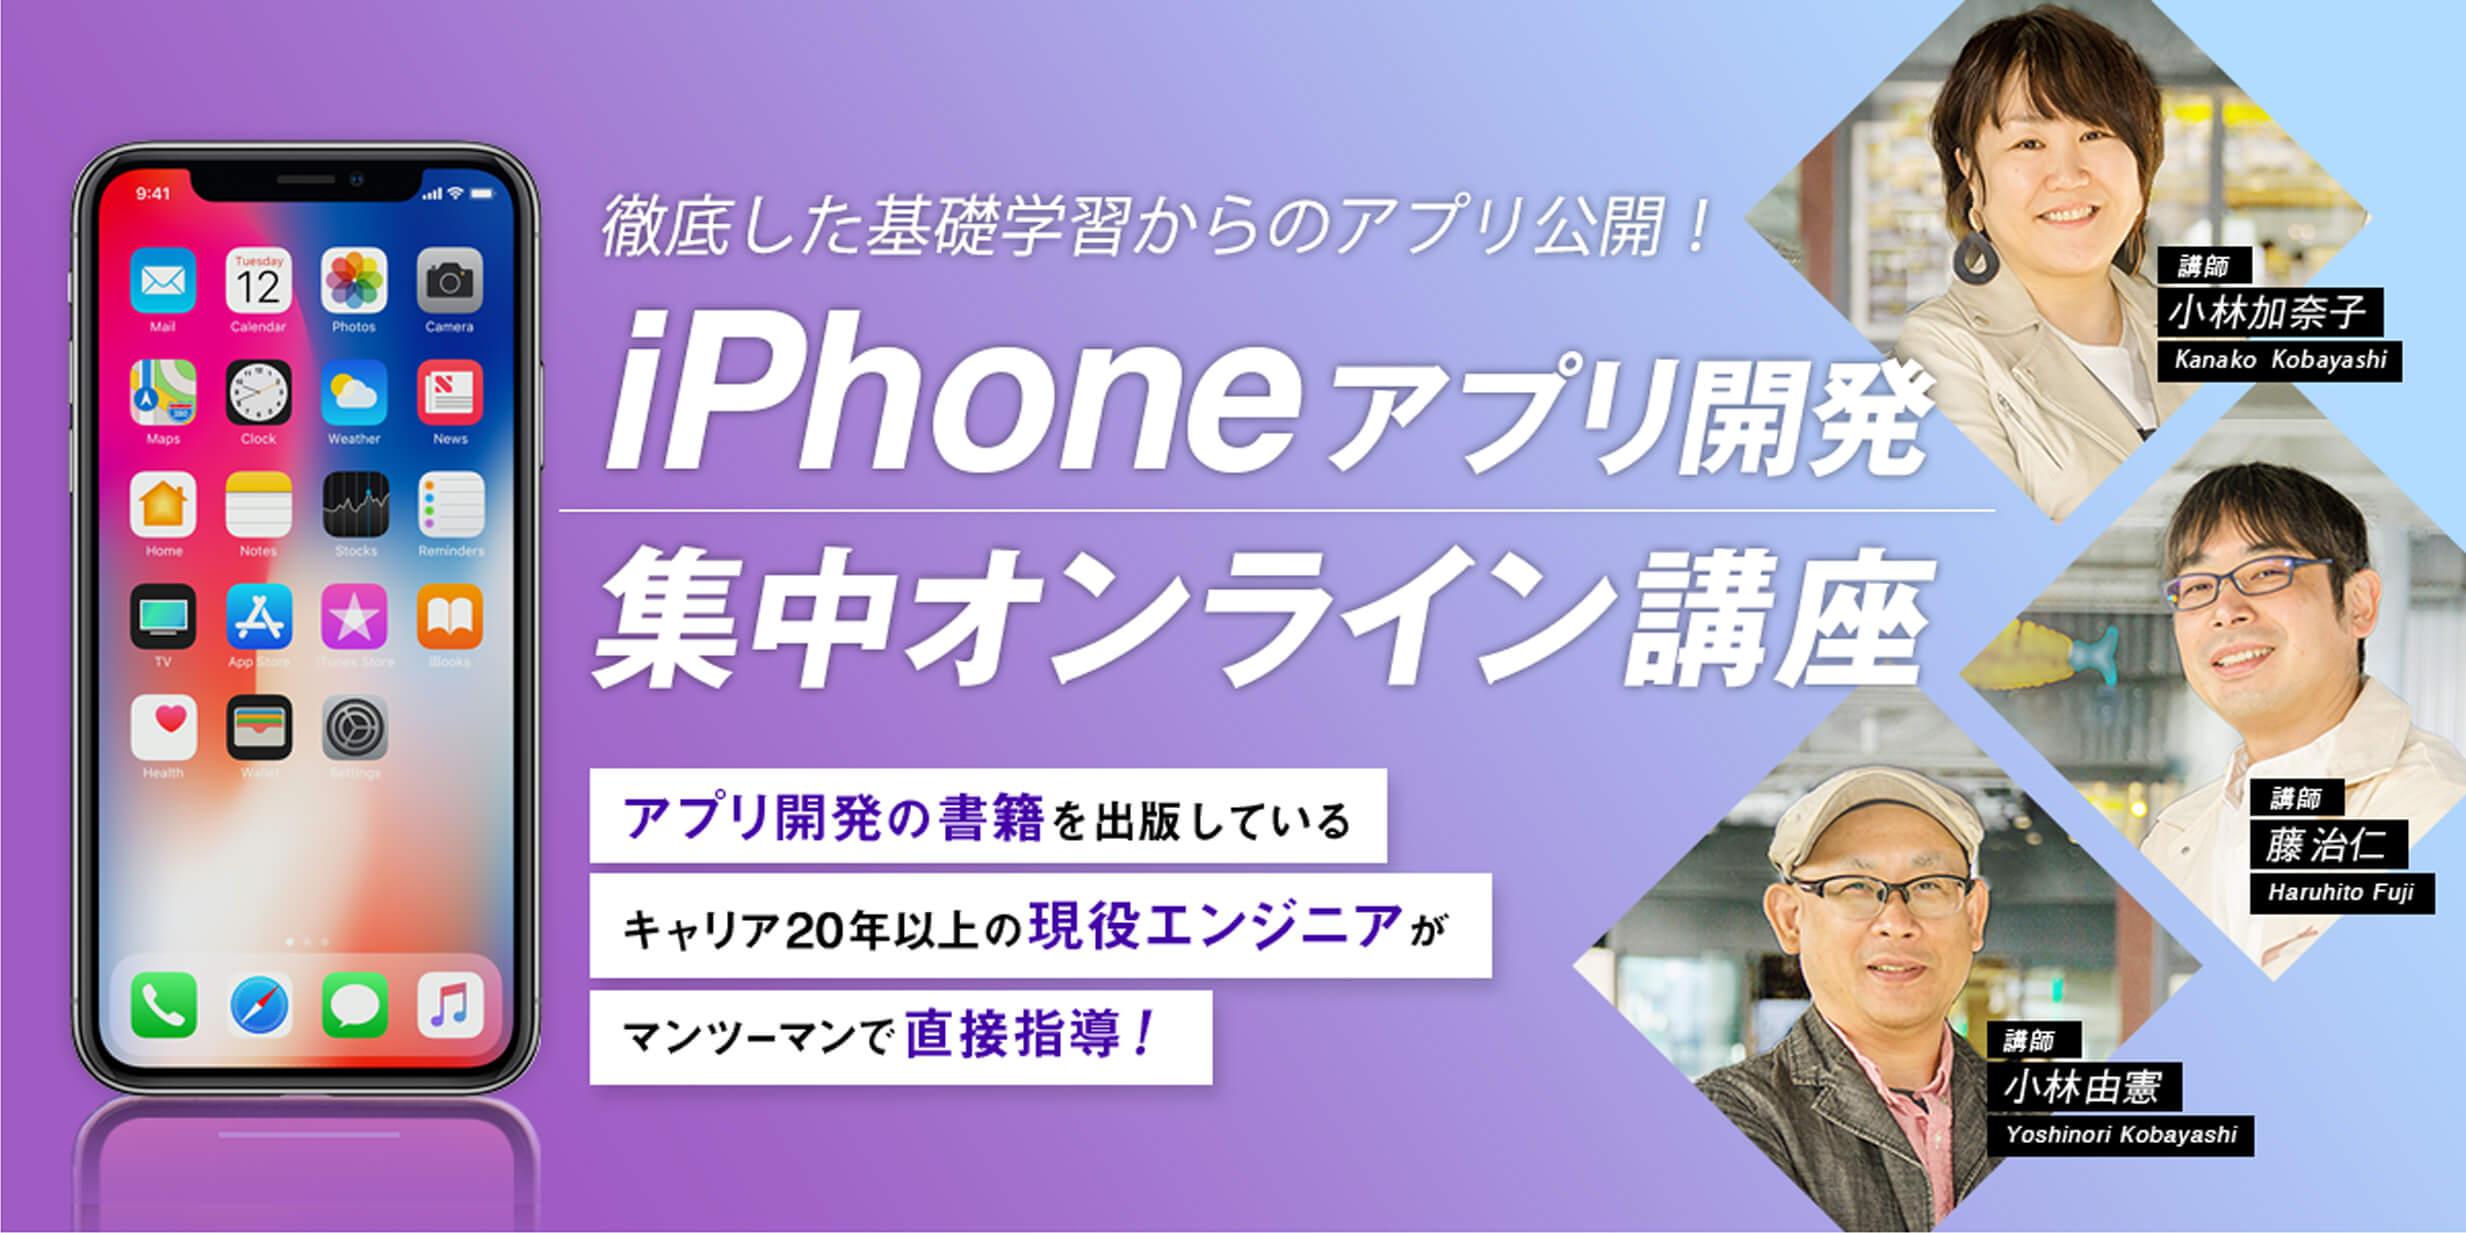 たった3ヶ月でマスタできるiPhoneアプリ開発集中オンライン講座開講!